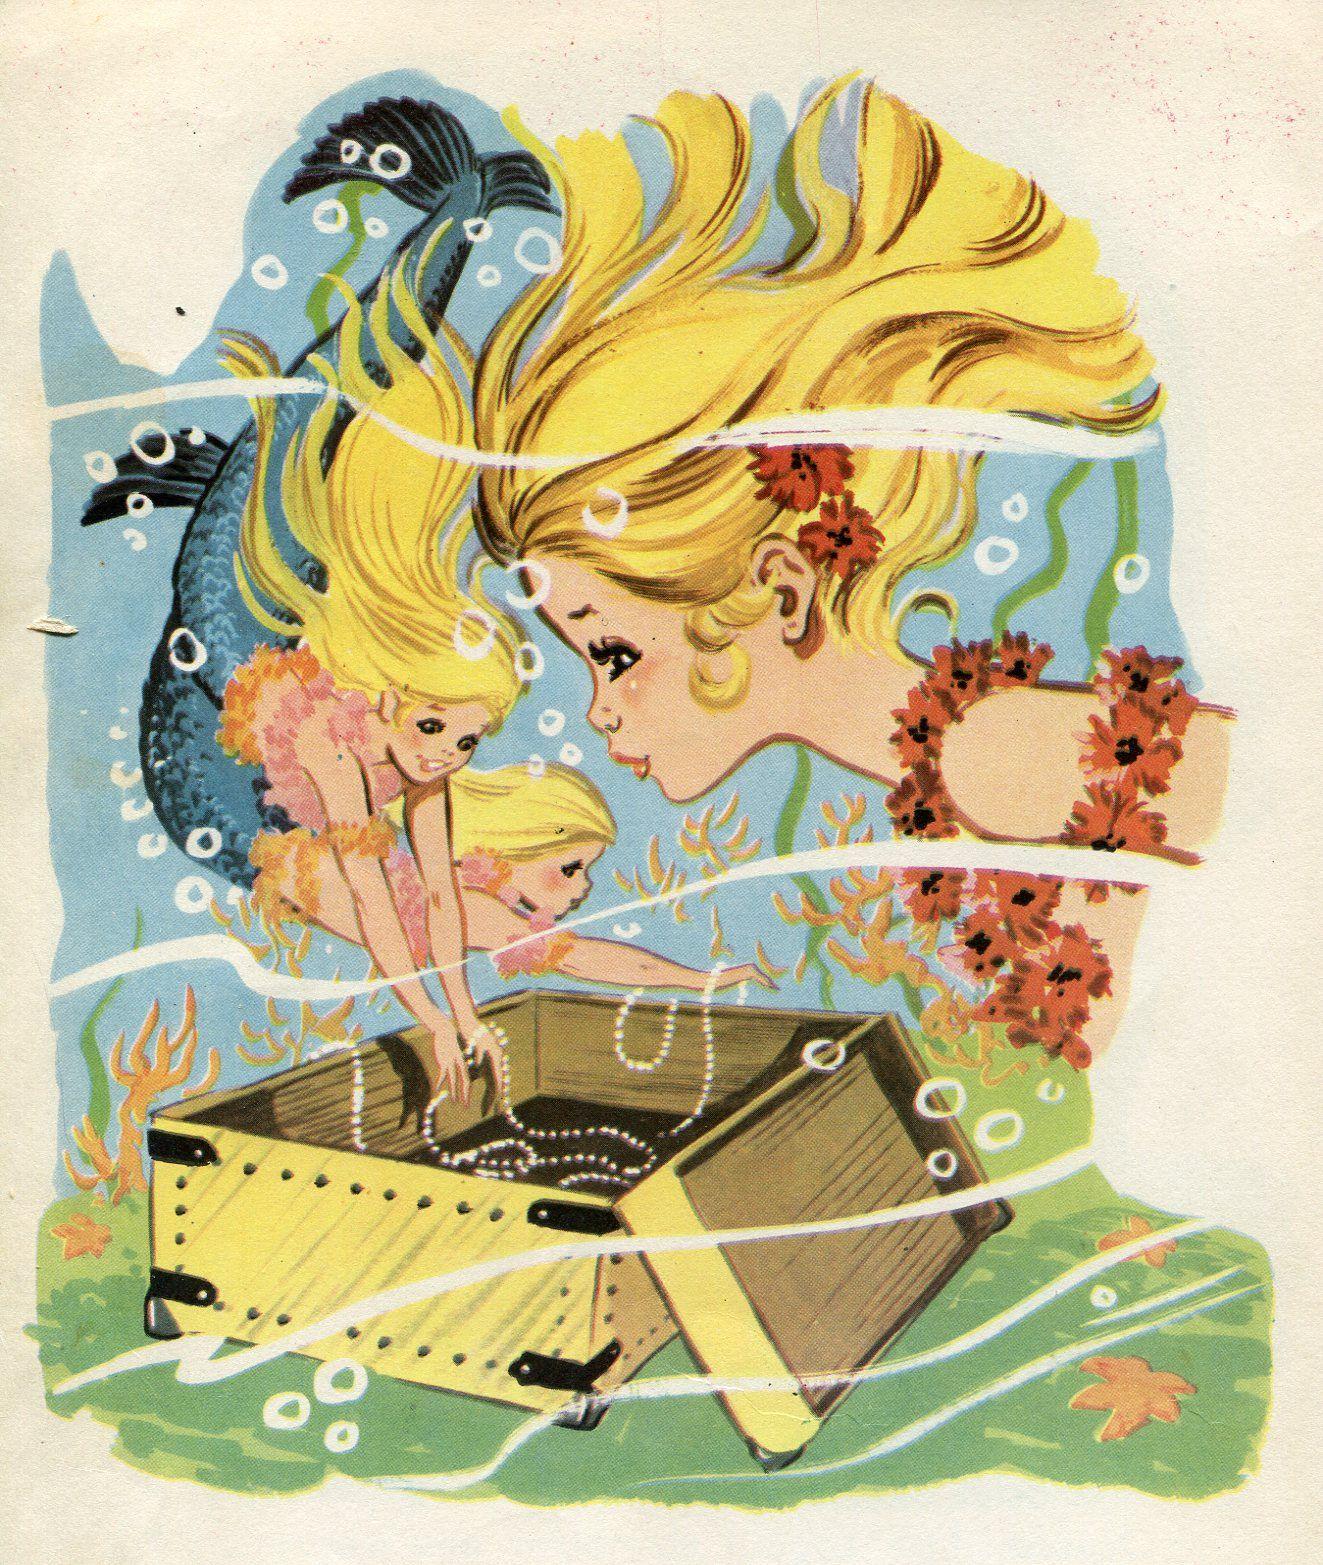 literatura infantil y juvenil. María Pascual ilustra La Sirenita.